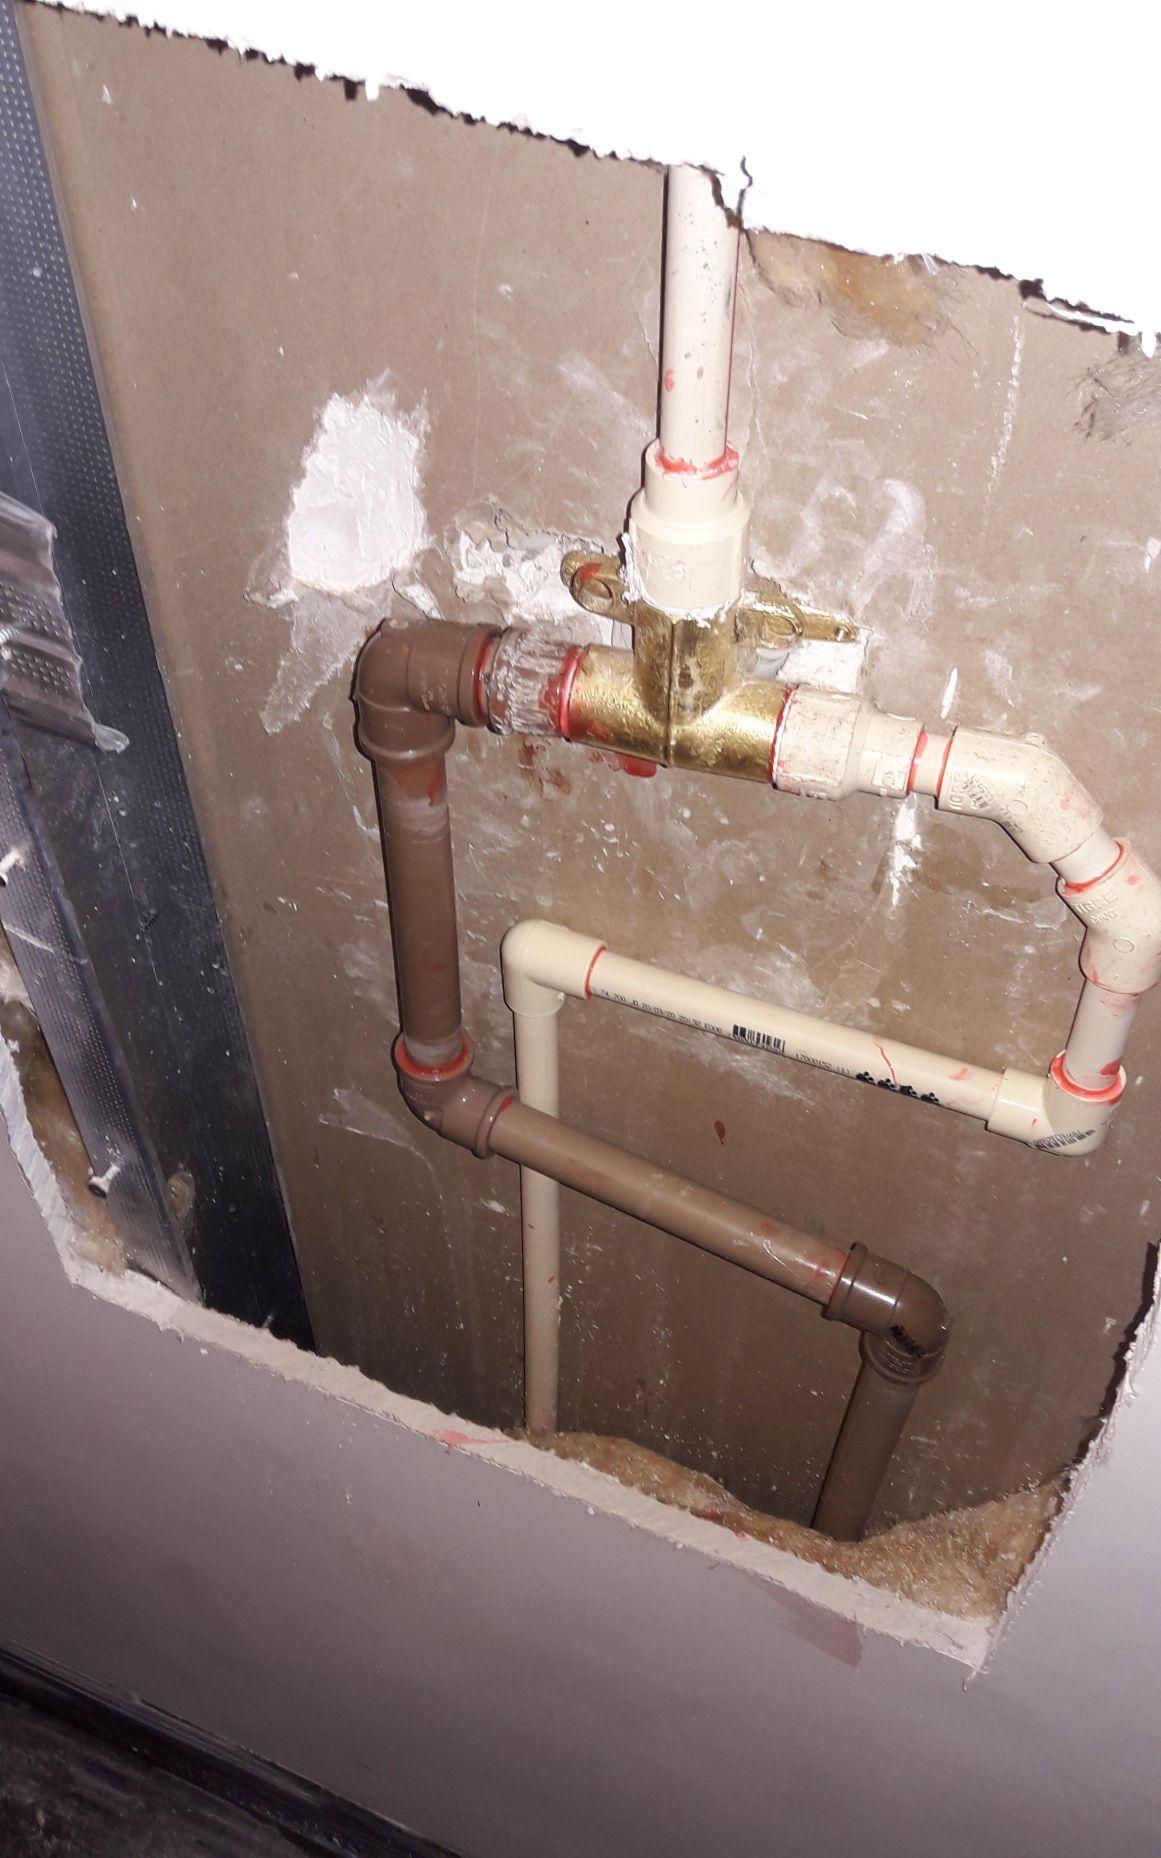 correção da instalação do chuveiro concluída.